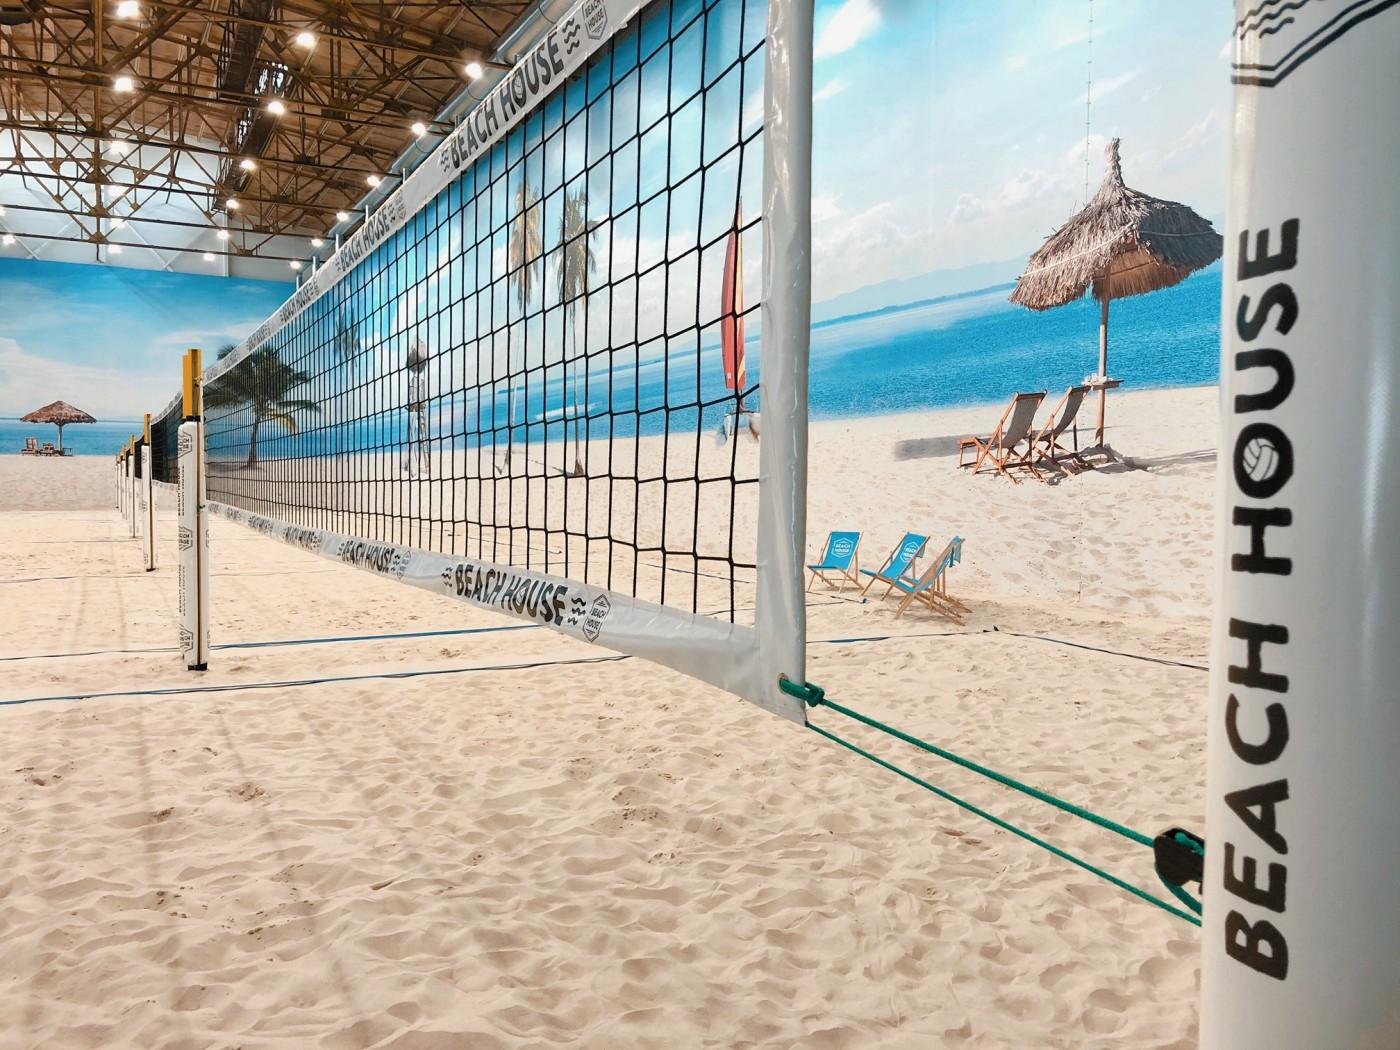 Indoor Beach Volleyball Center Beach House Crp2928 Crowdestor Crowdestor